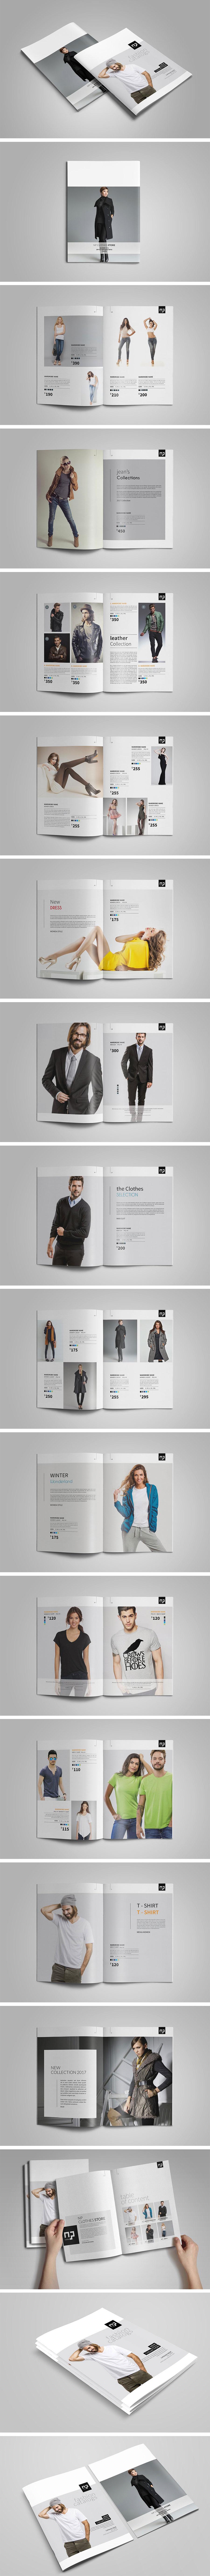 一套时尚的服装服饰类Indesign杂志/画册模版下载[indd,IDML]